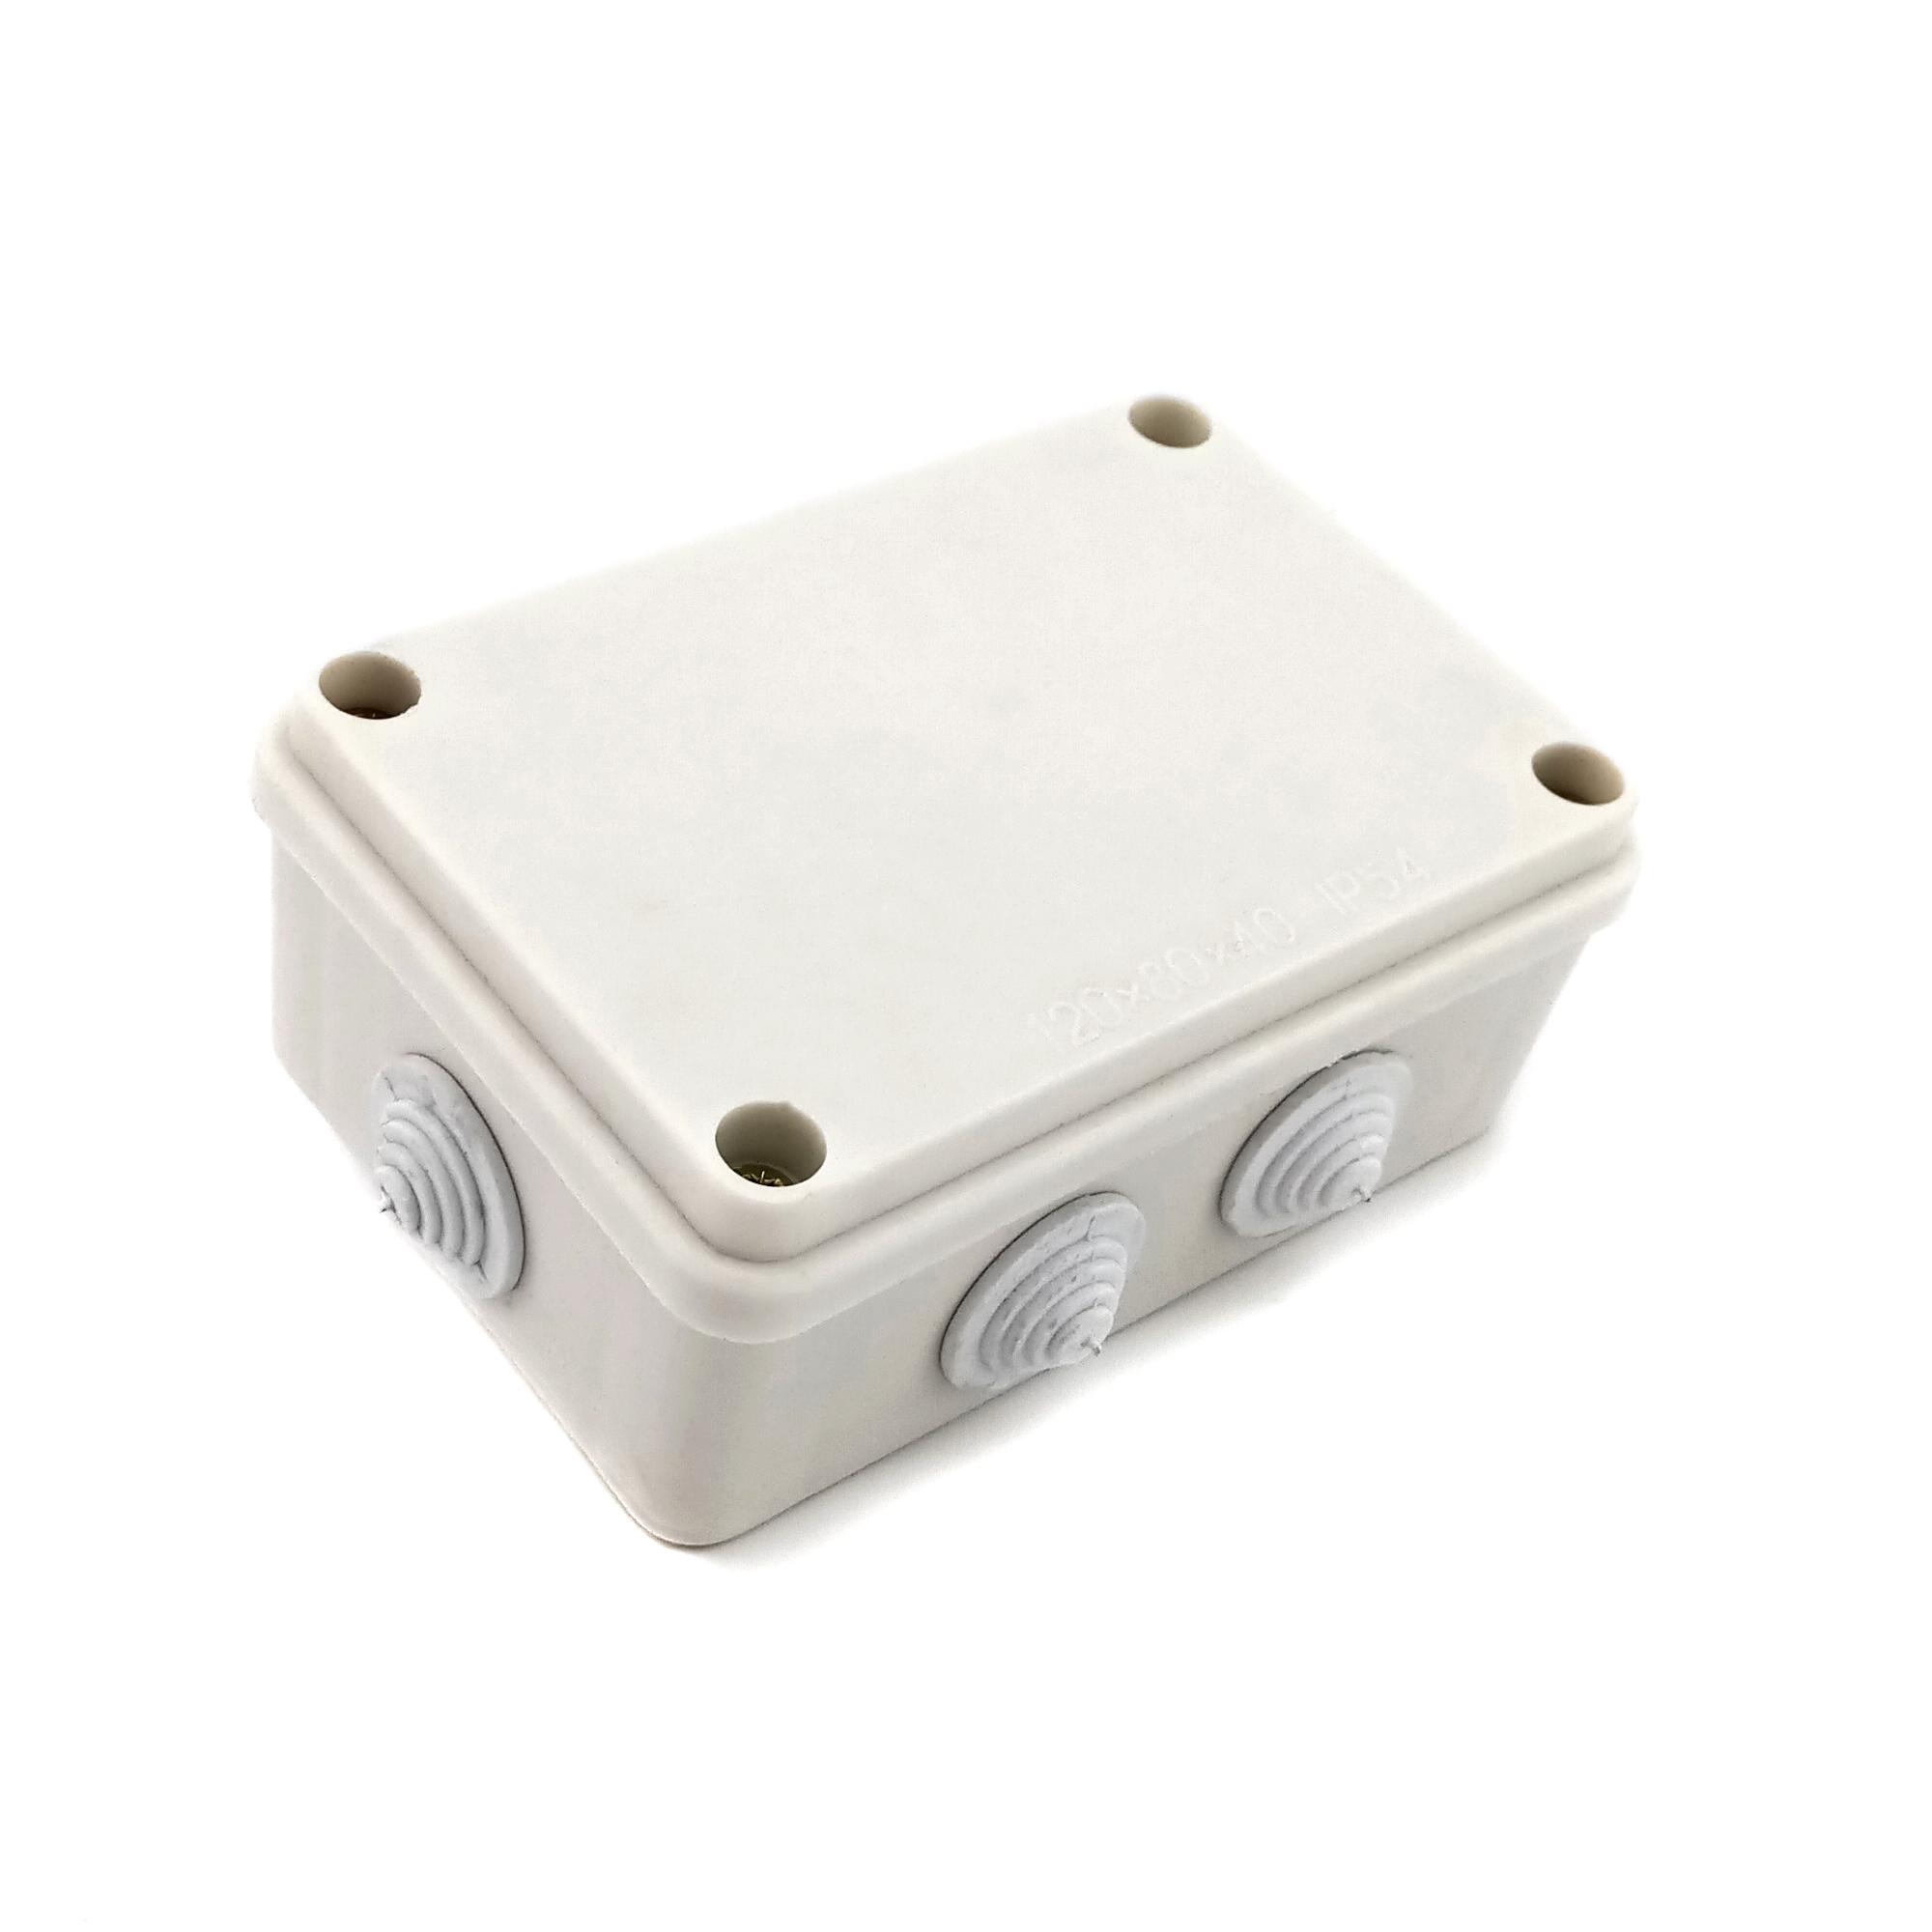 Распределительная коробка 120х80х40 IP54 с резинками ZIPLEX